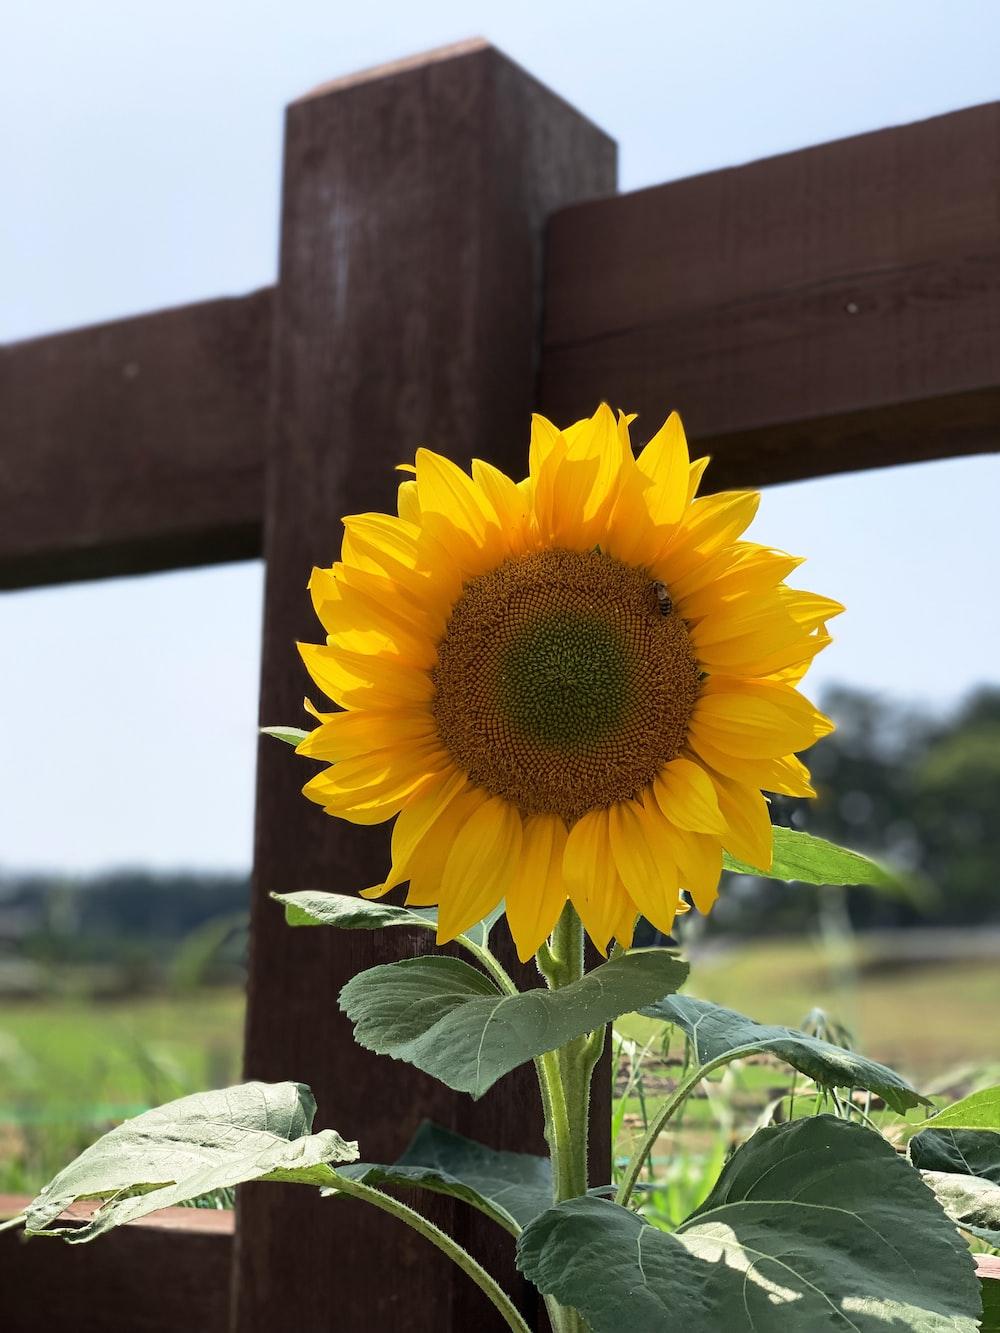 yellow petaled flower near